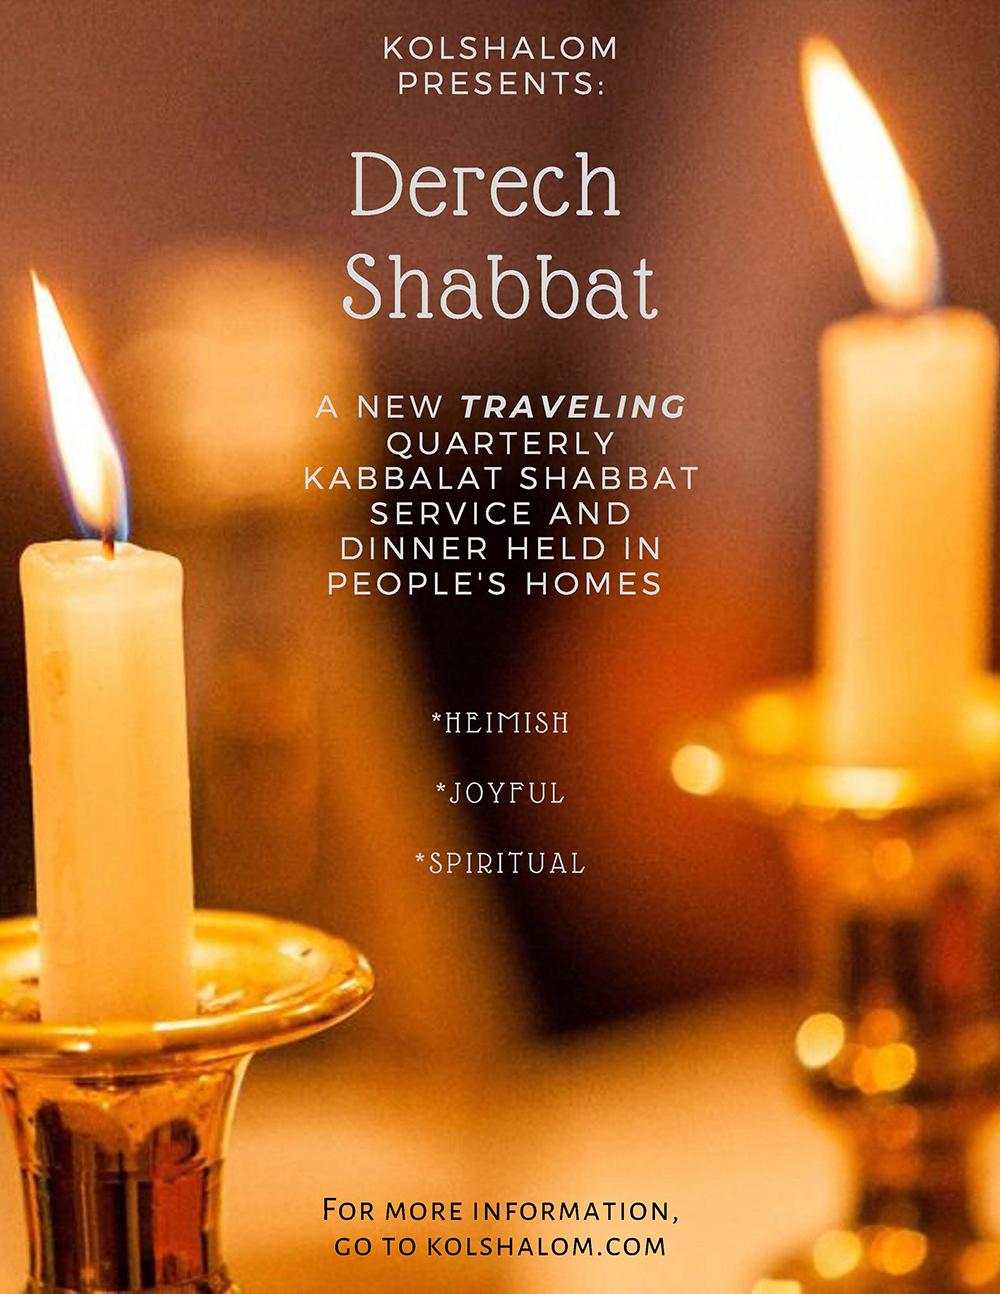 Derech Shabbat